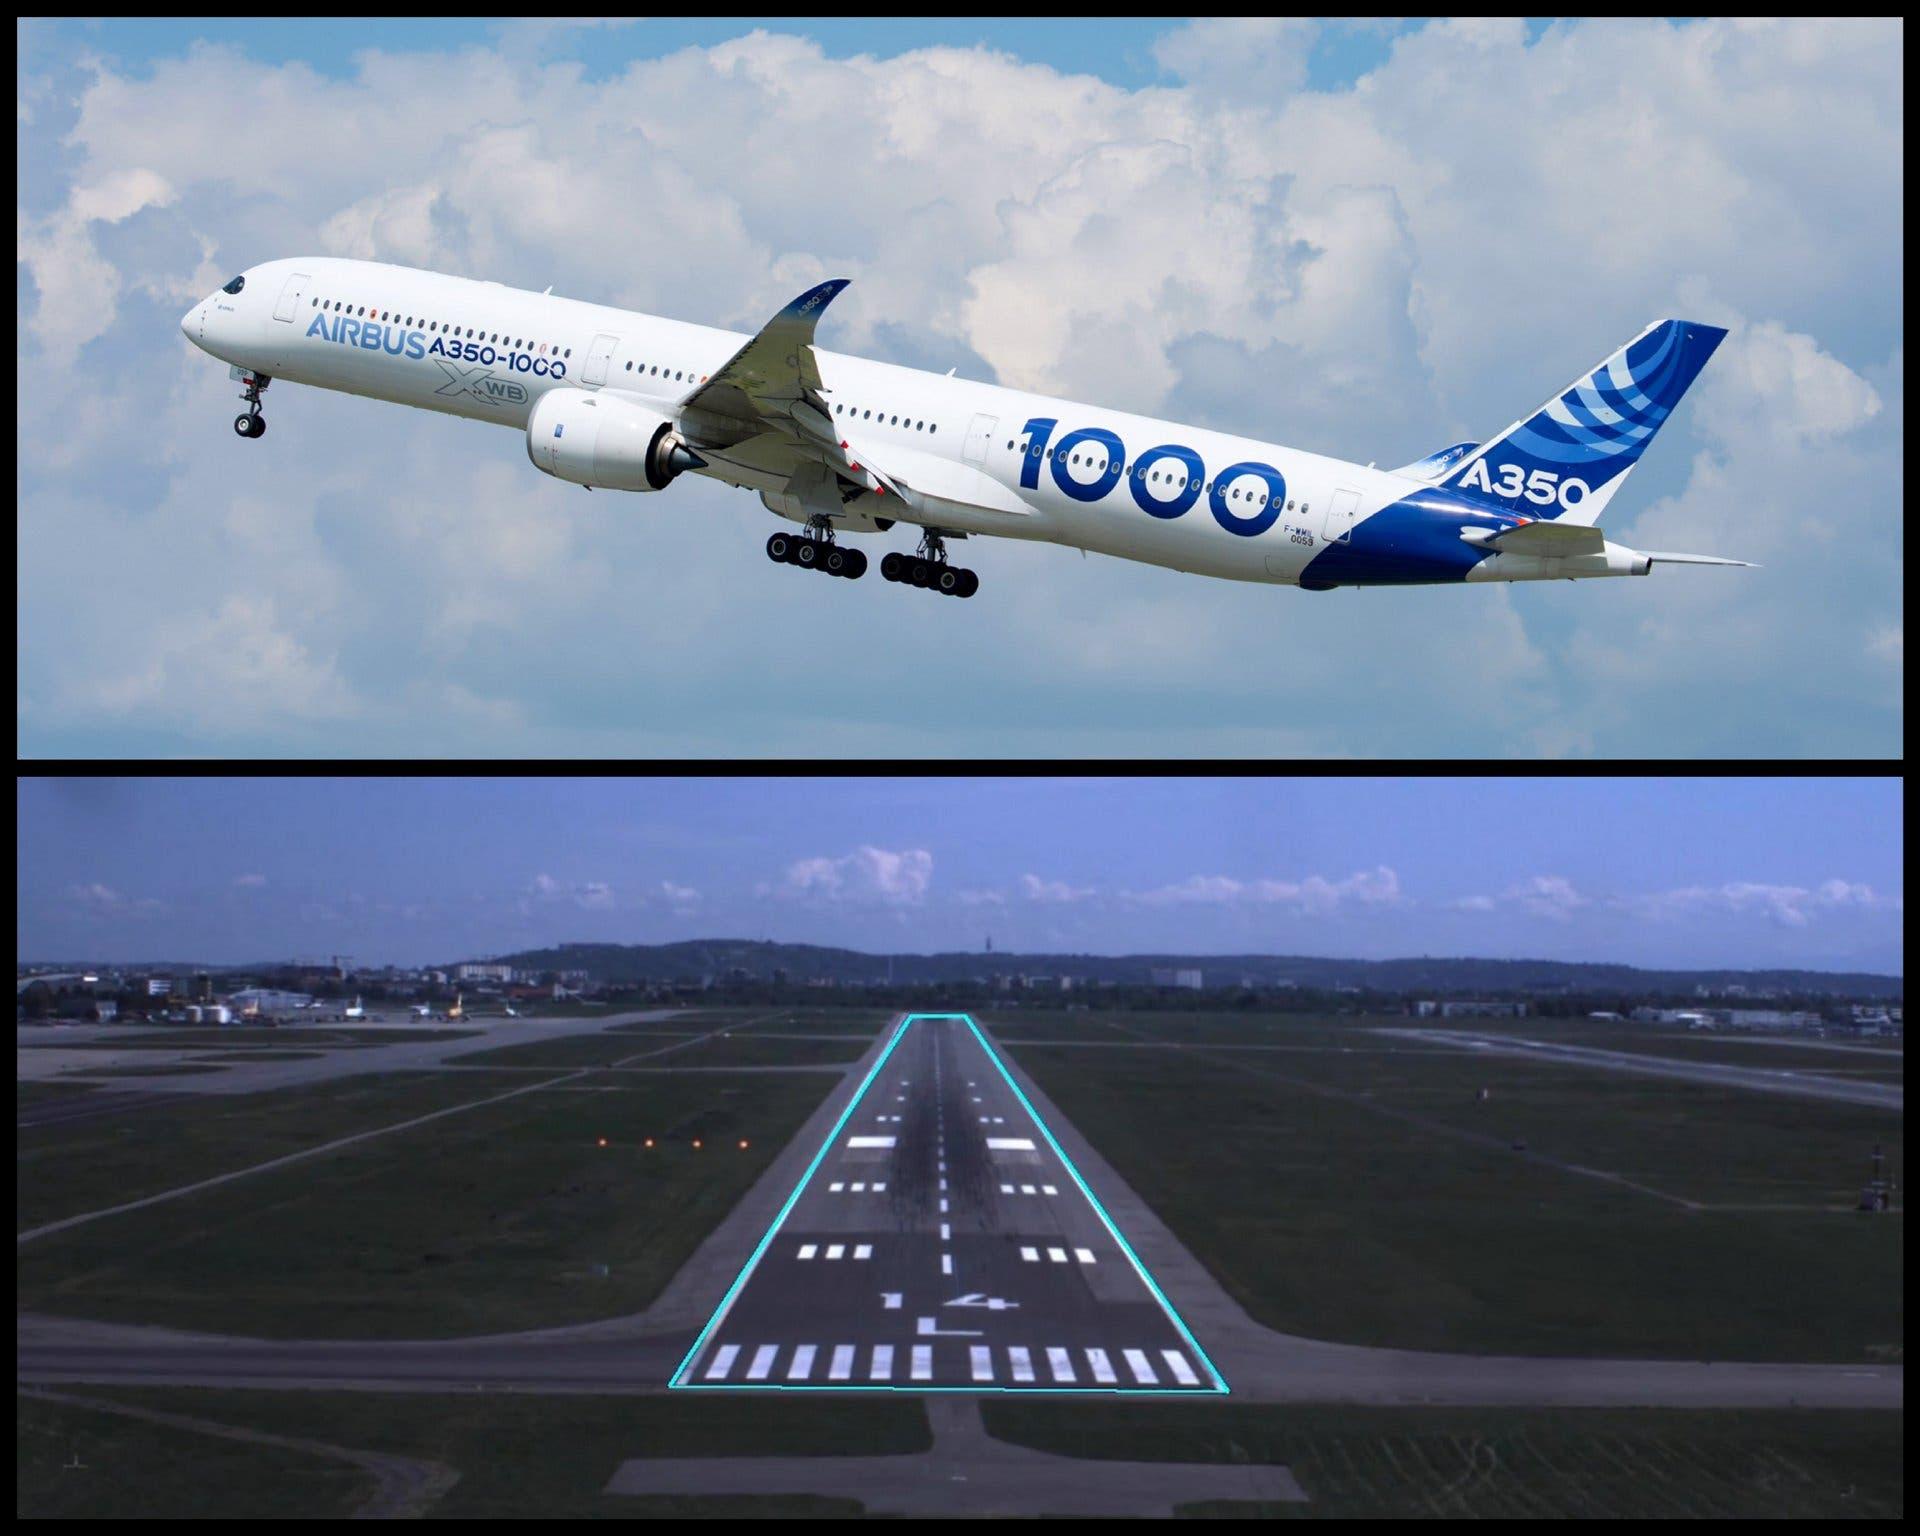 Vuelos autónomos: Airbus ya cuenta con un sistema de despegue y aterrizaje sin intervención humana